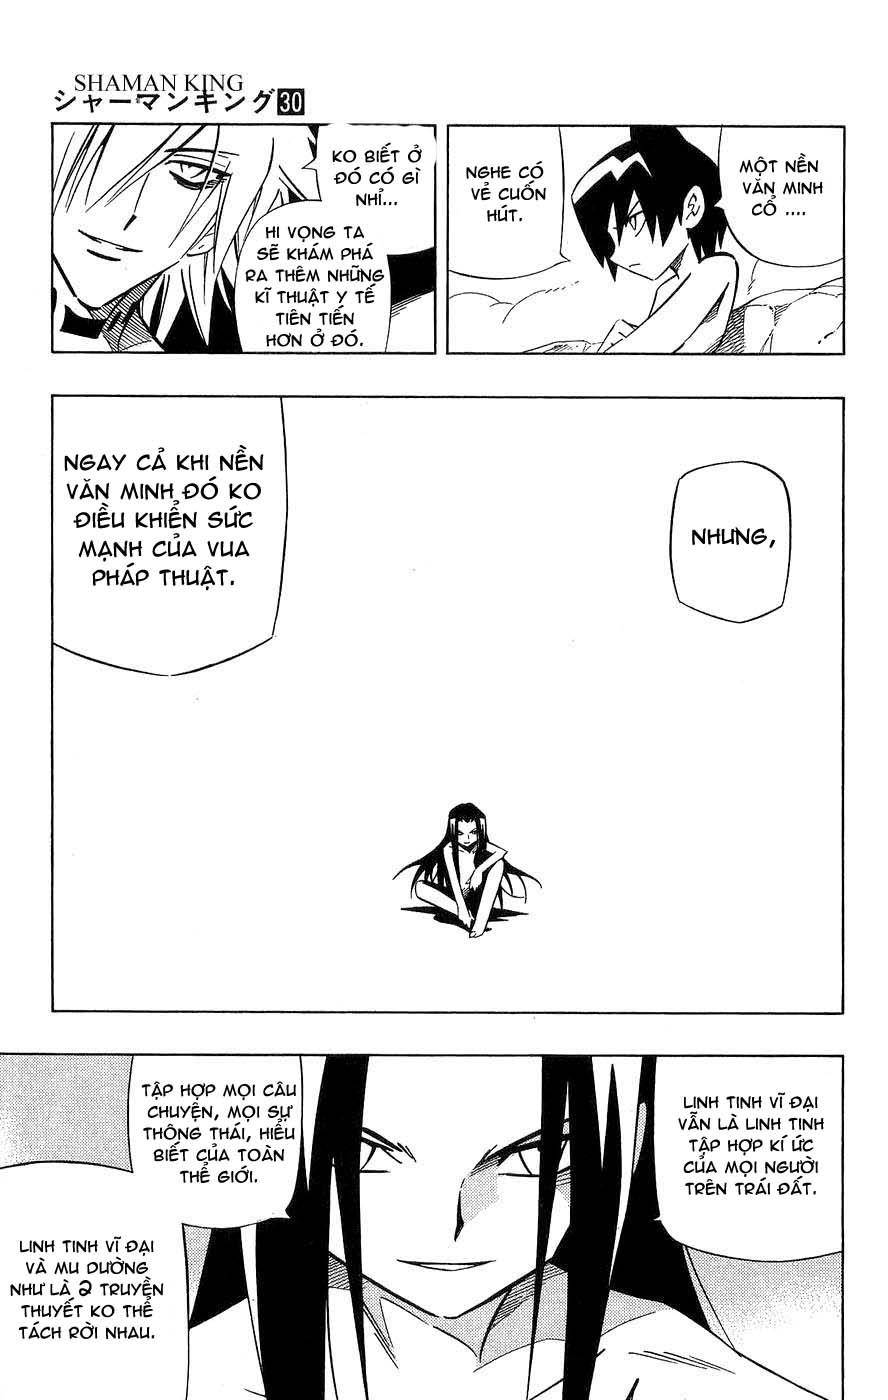 Shaman King [Vua pháp thuật] chap 259 trang 7